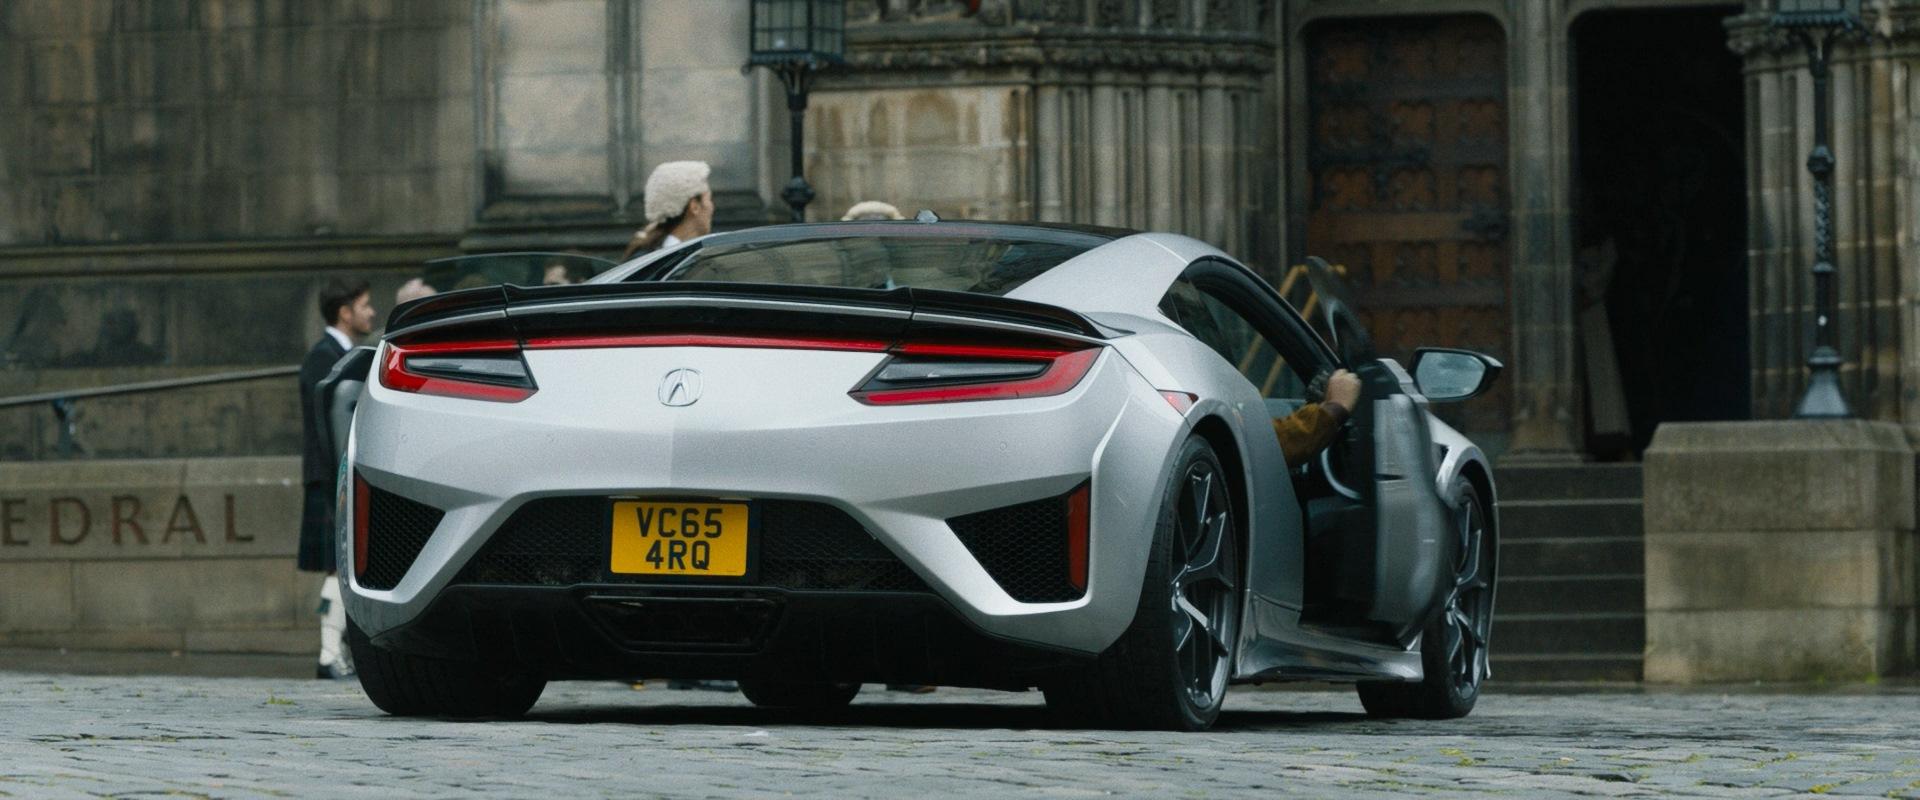 Hızlı ve Öfkeli 9: Hız Efsanesi   2021   WEB-DL   XviD   Türkçe Dublaj   1080p - m720p - m1080p   WEB-DL   Tek Link